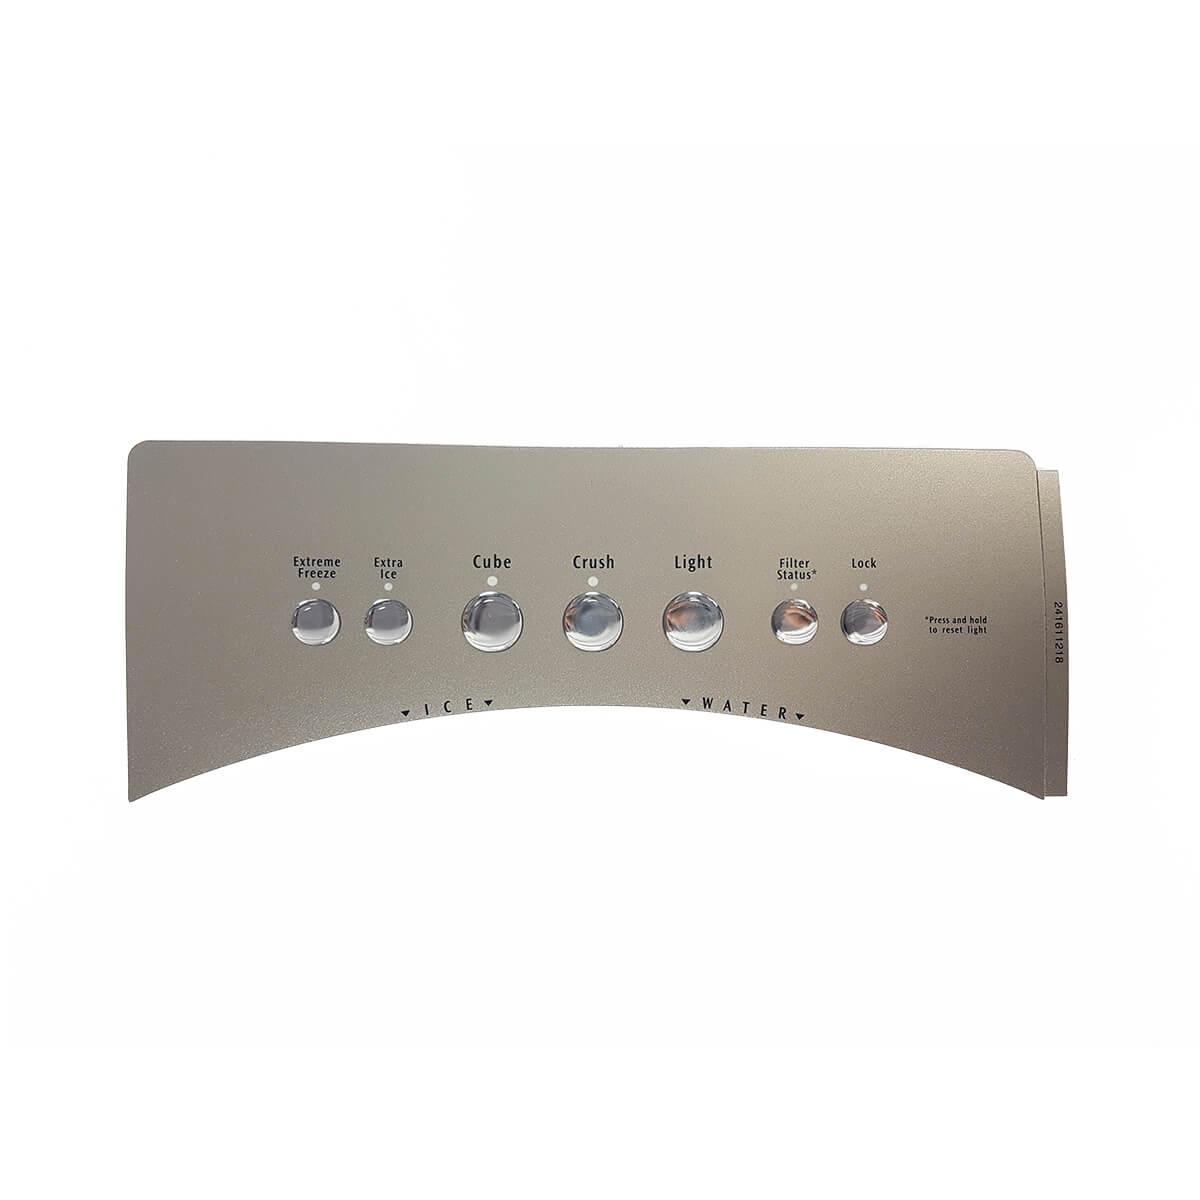 Etiqueta Módulo Prata Metálico Para Refrigerador Electrolux - 41611218